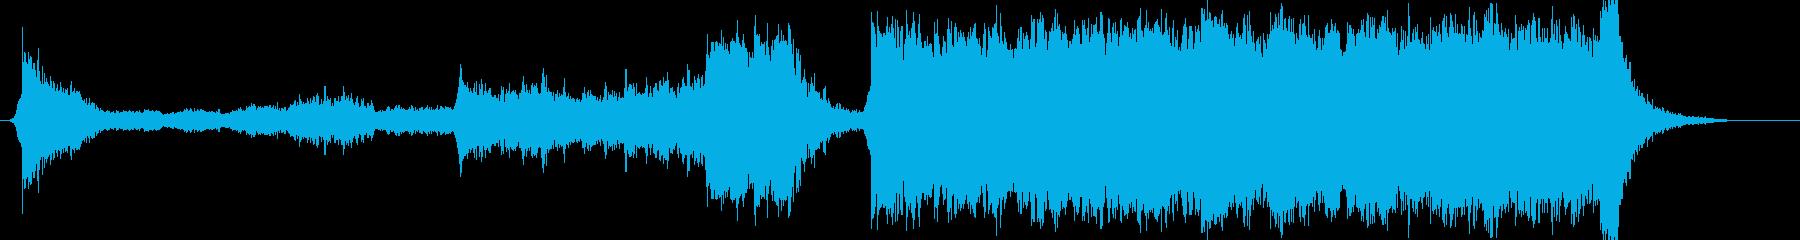 アクション映画風BGMの再生済みの波形